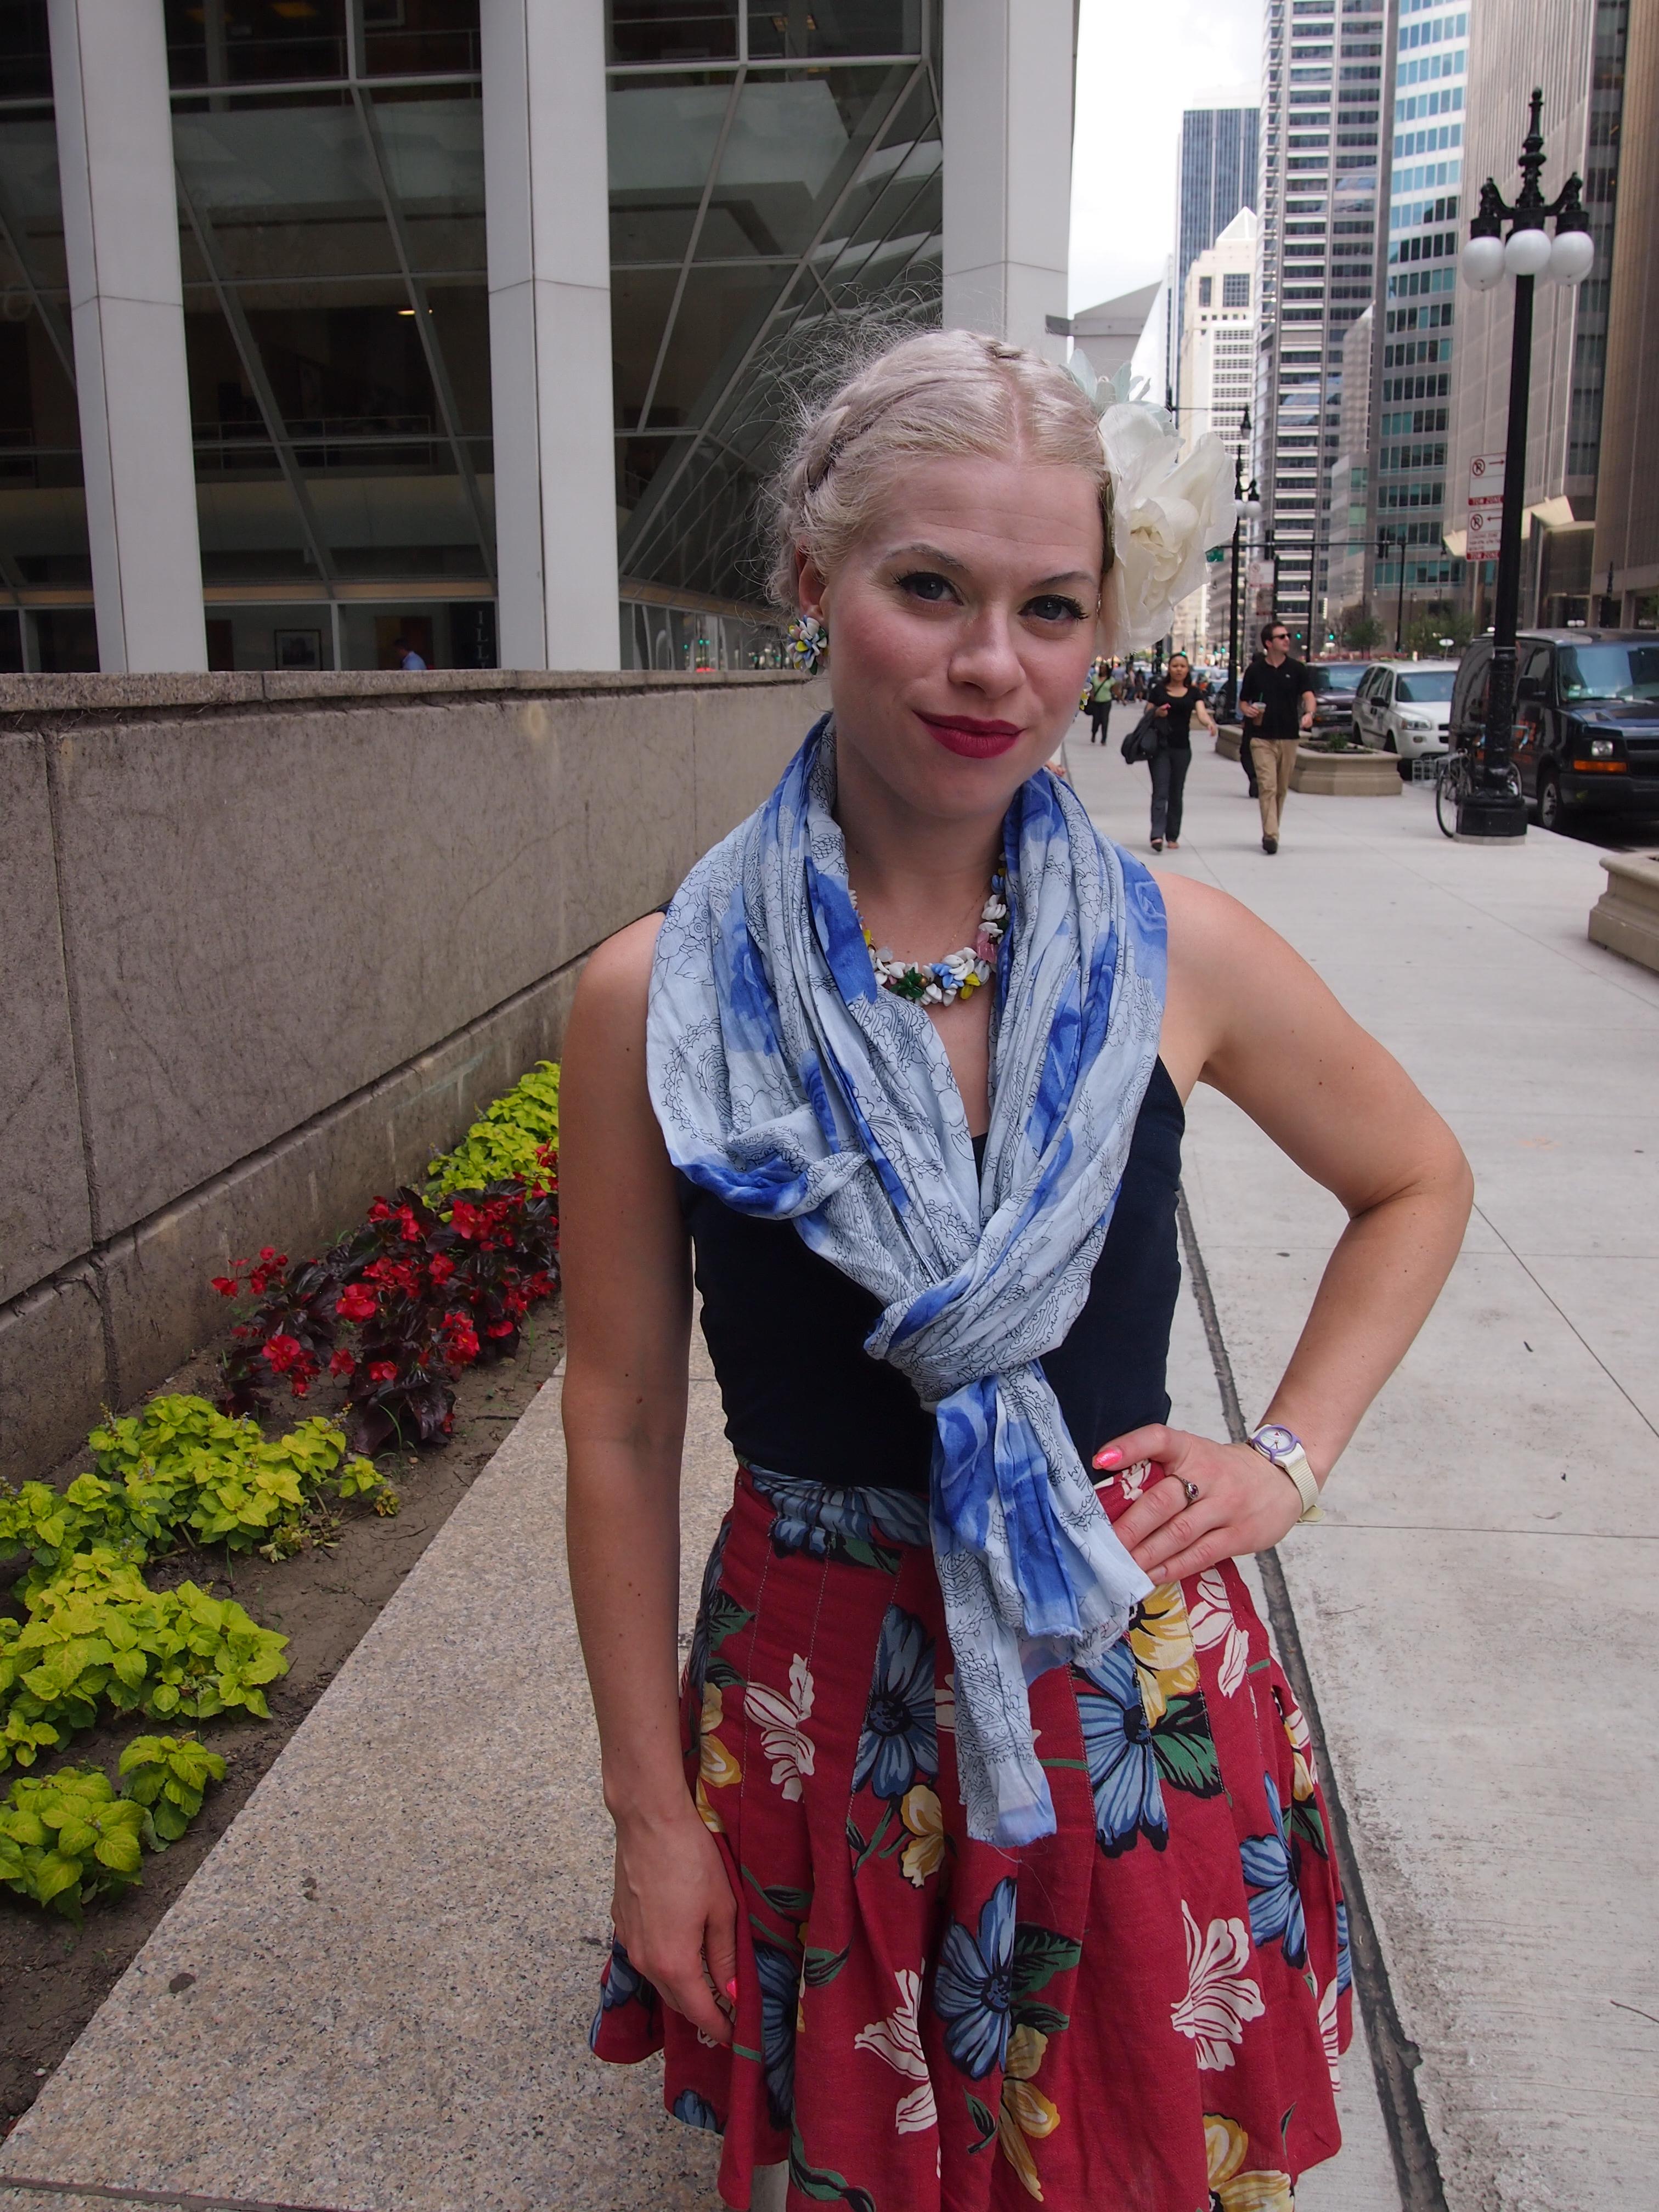 meet nikolina: minneapolis vintage wedding gown guru | People with ...